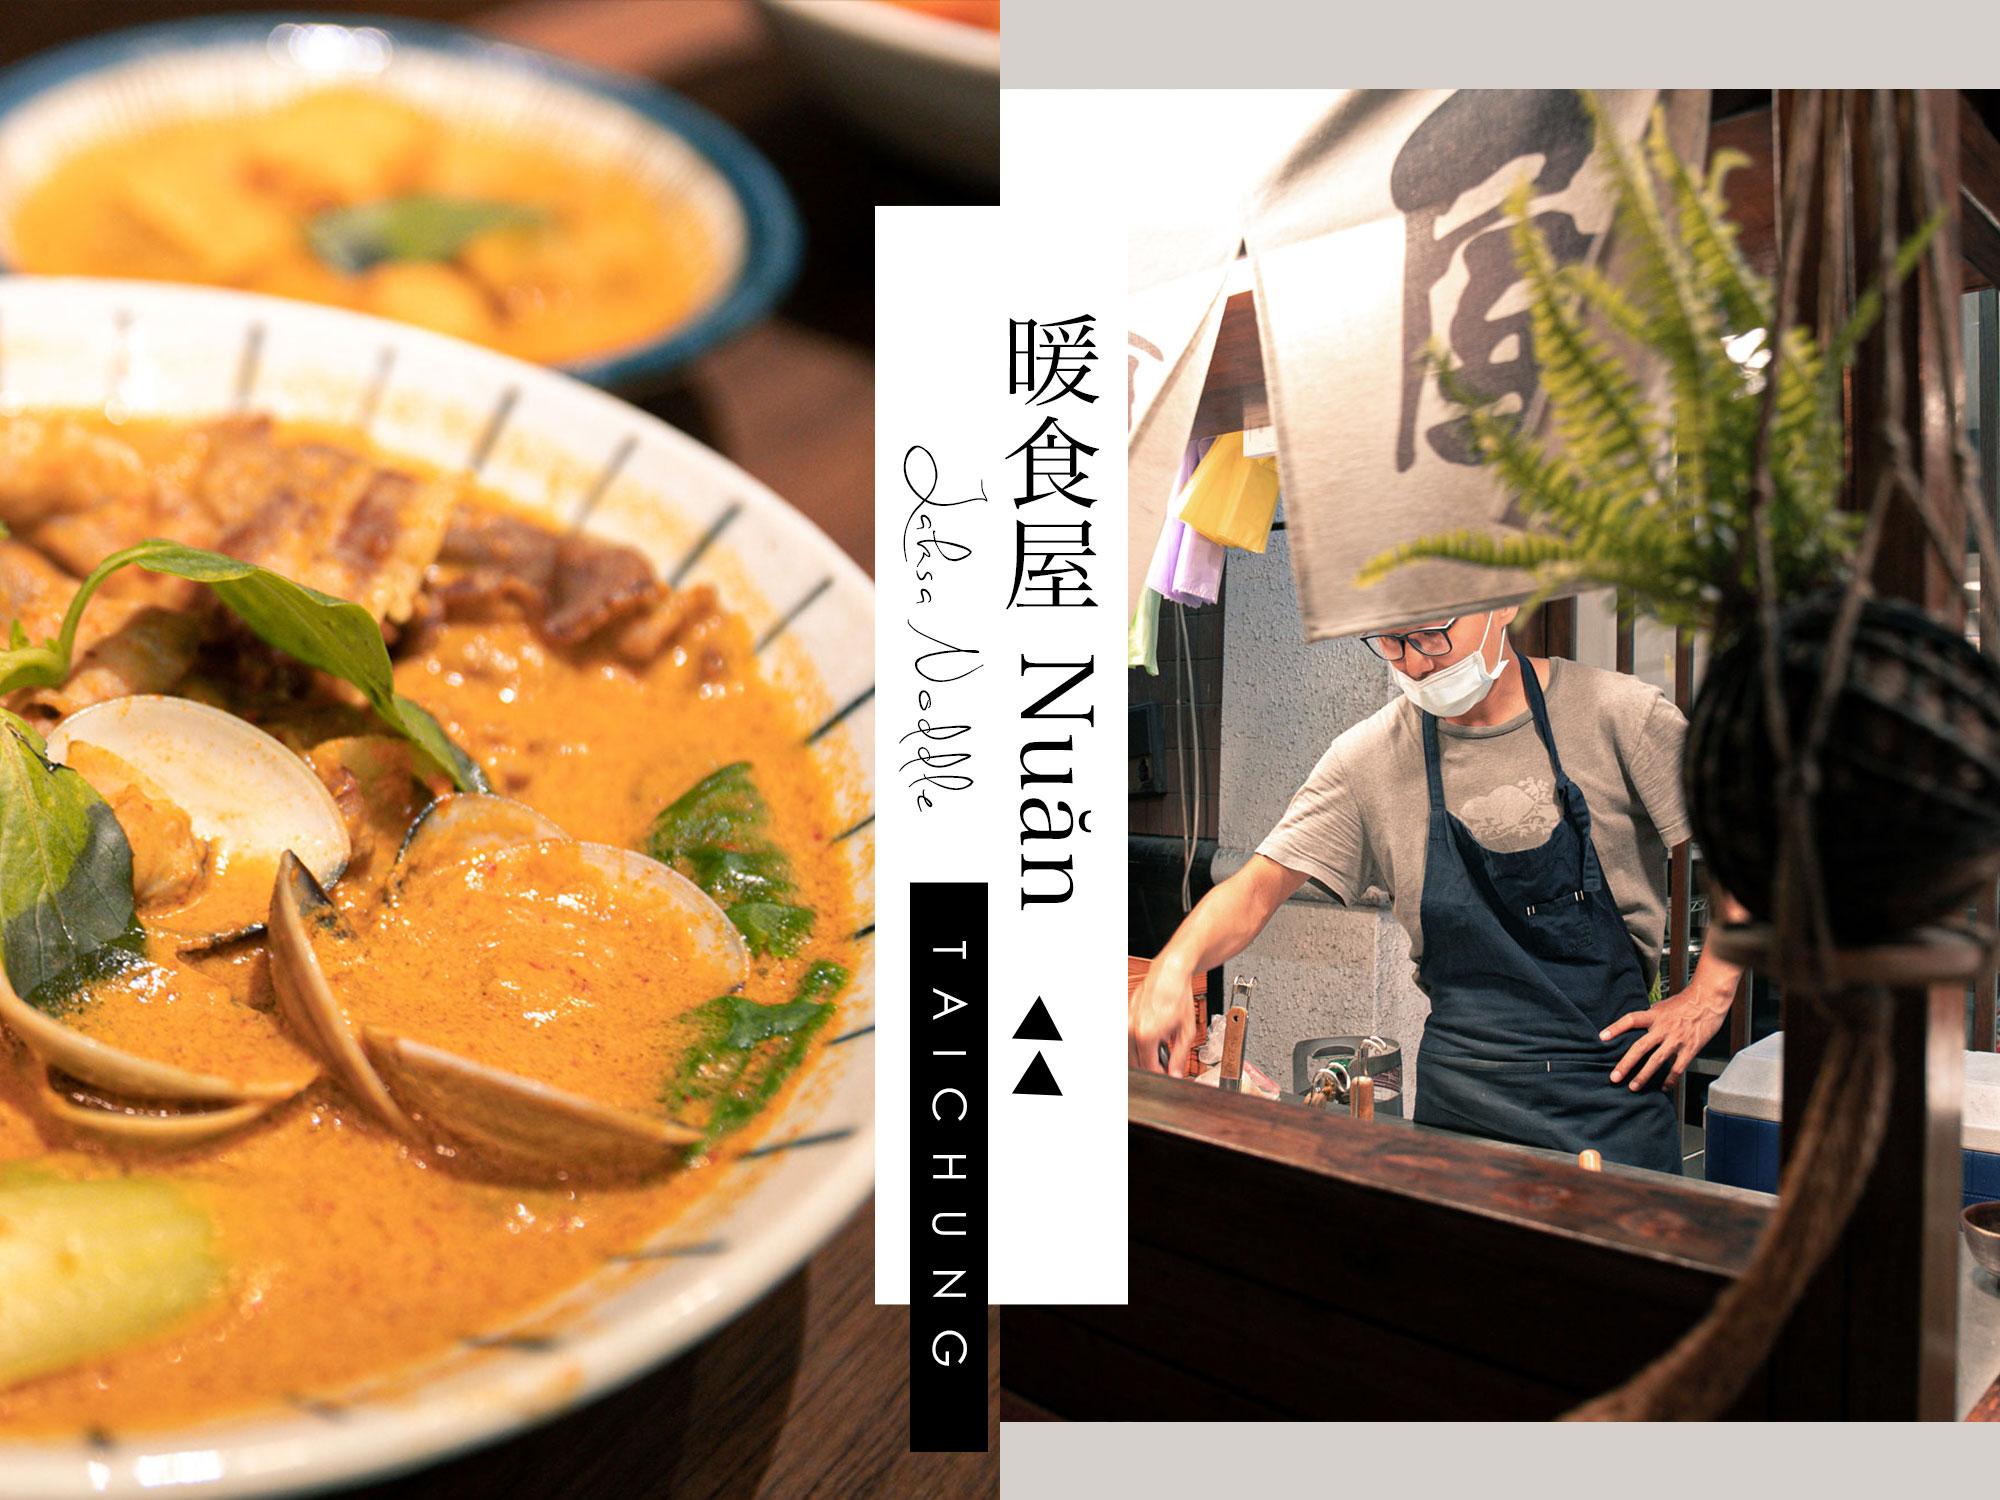 台中西屯區美食-暖食屋Nuan|高C/P值的南洋料理、關東煮,叻沙暖麵的濃郁湯頭,讓人為之一亮